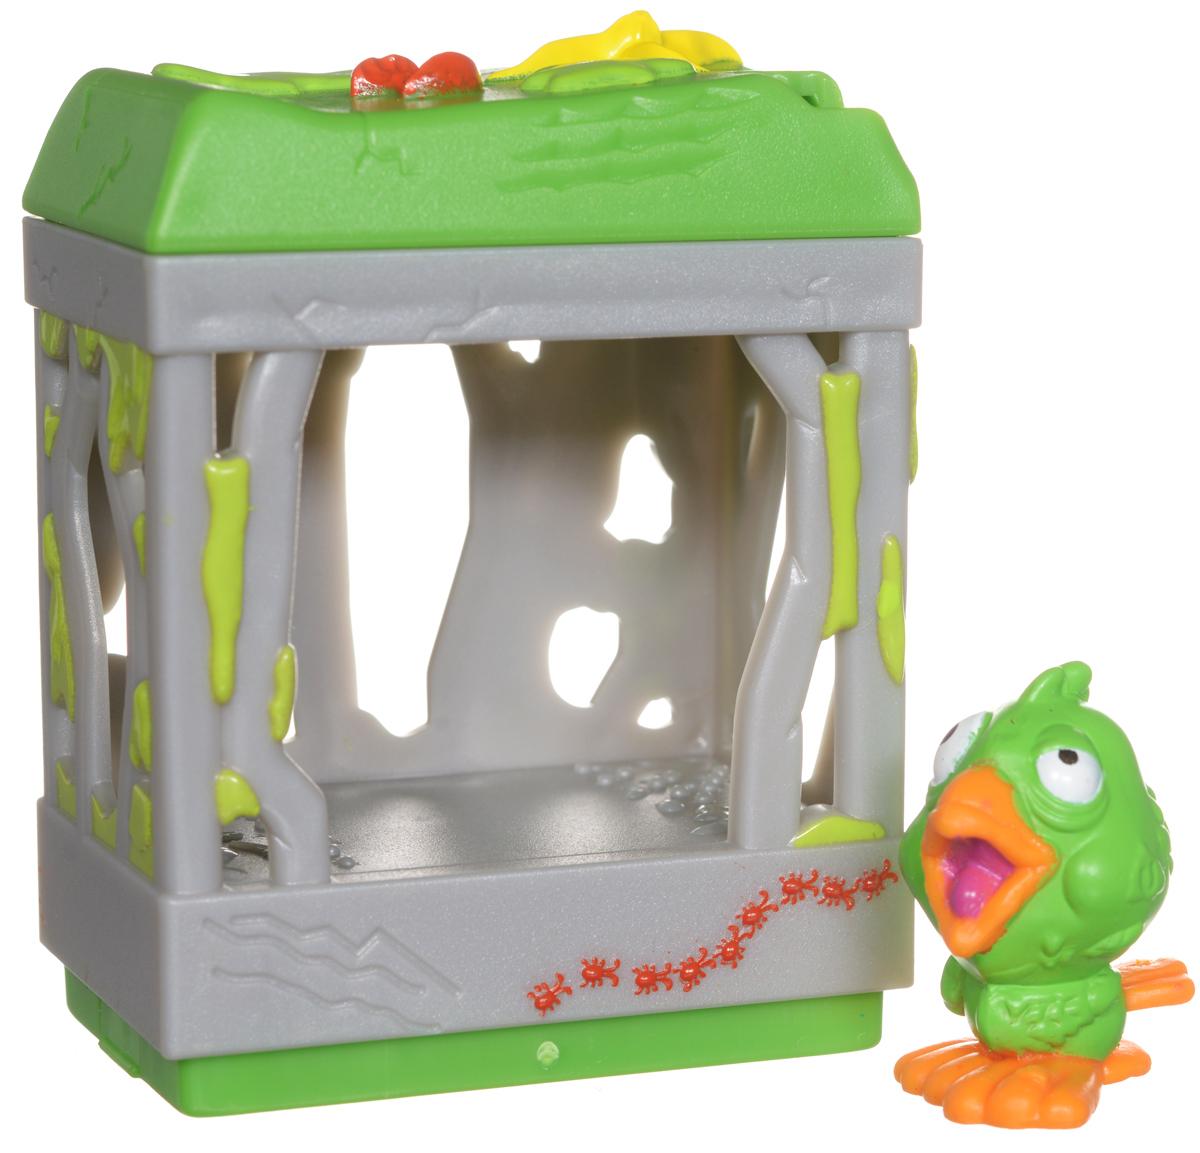 Ugglys Pet Shop Игровой набор Домик с фигуркой Poop Coop набор игровой jakks pacific домик с фигуркой смурфика